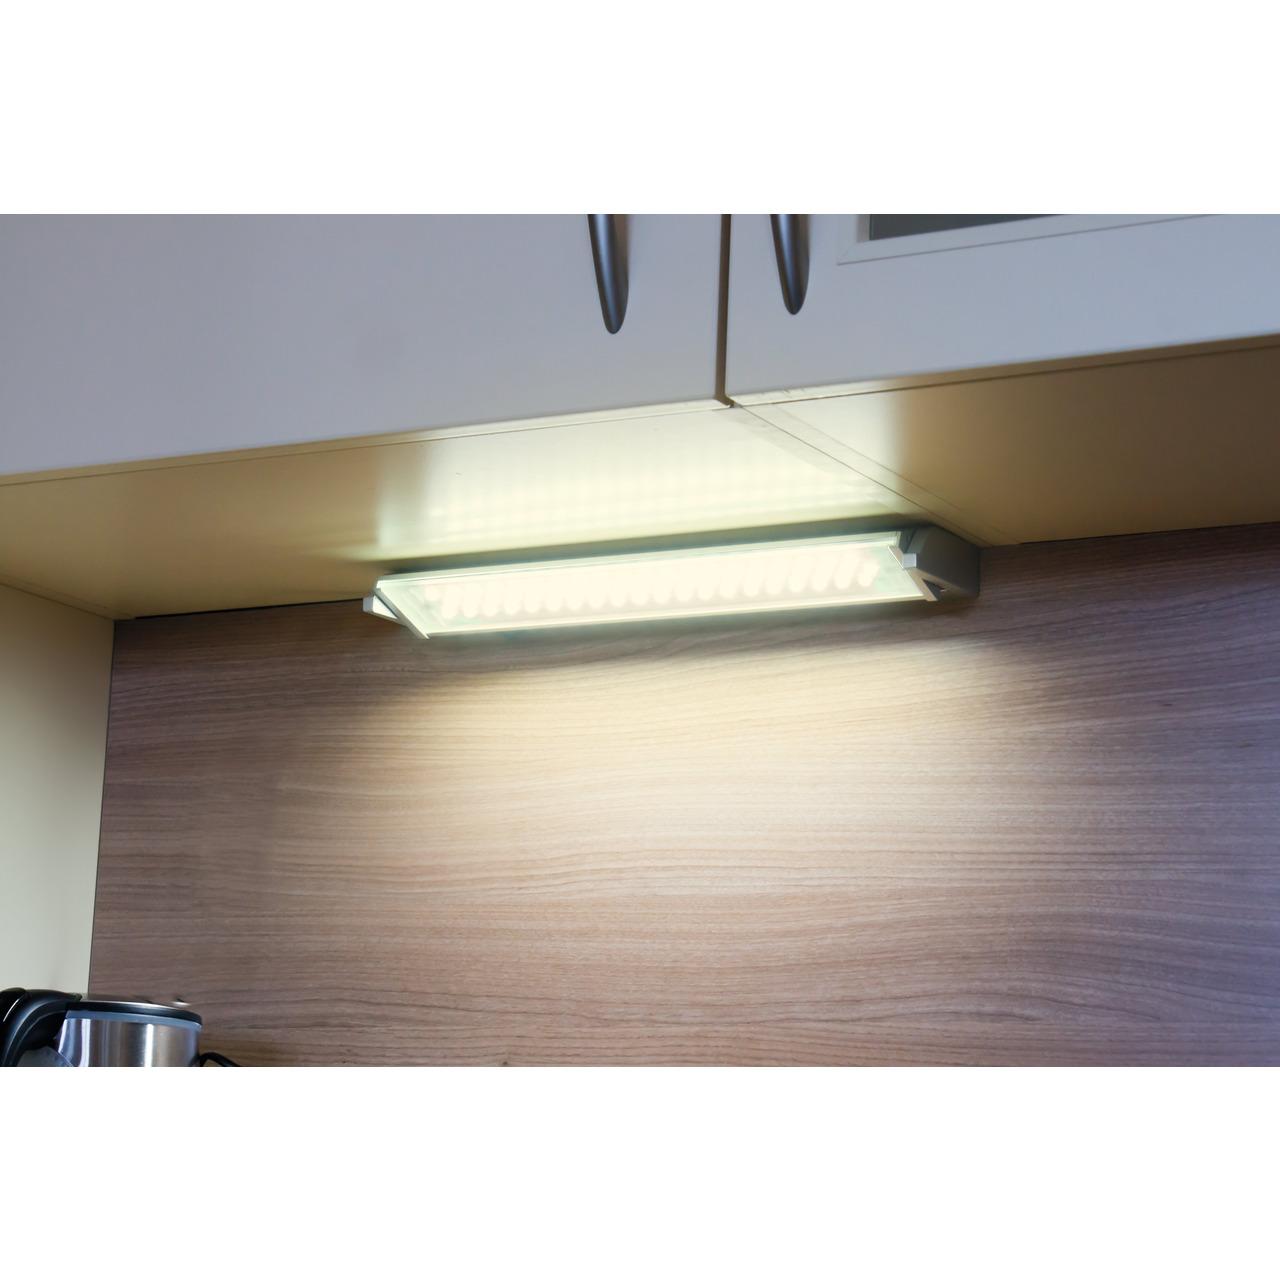 HEITRONIC Schwenkbare LED-Unterbauleuchte MIAMI- 10 W- 680 lm- warmweiund-223 - 58 cm